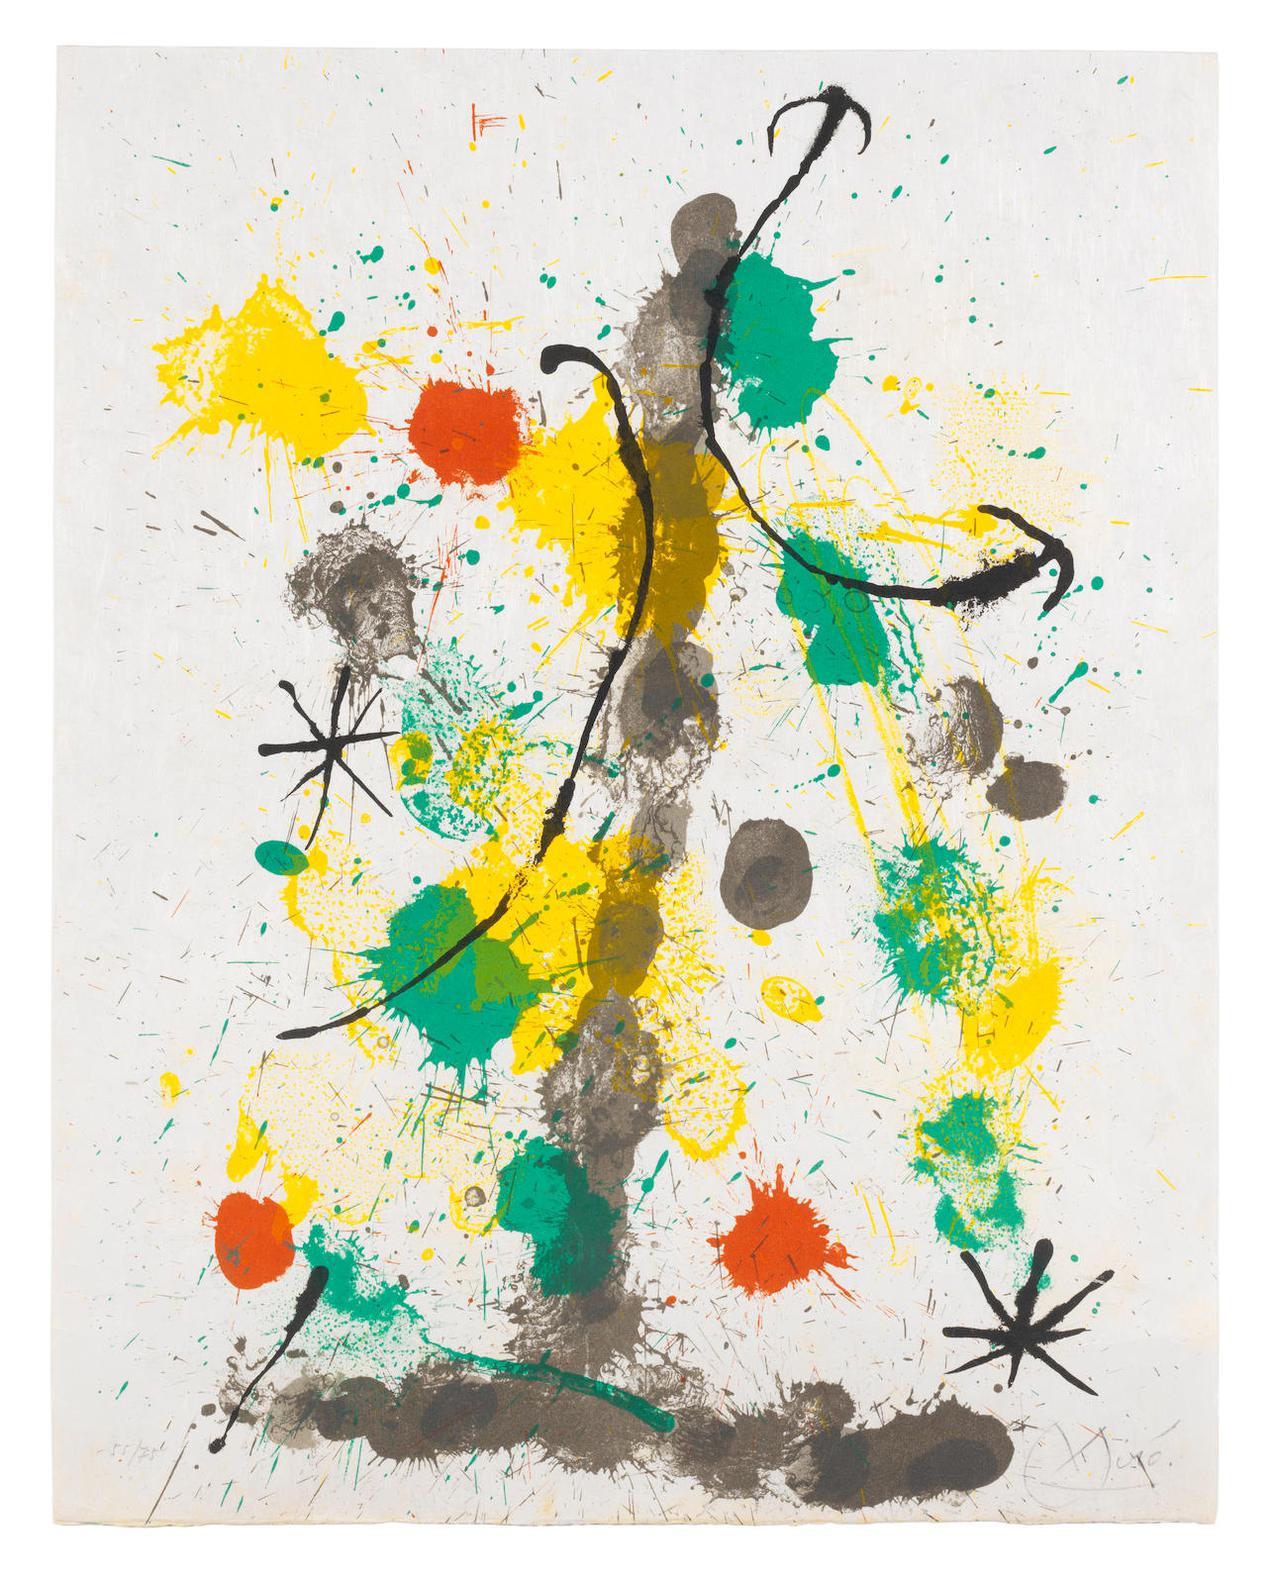 Joan Miro-Plate 4 from Quelques Fleurs pour des Amis (Mourlot 410; Cramer Books 92)-1964